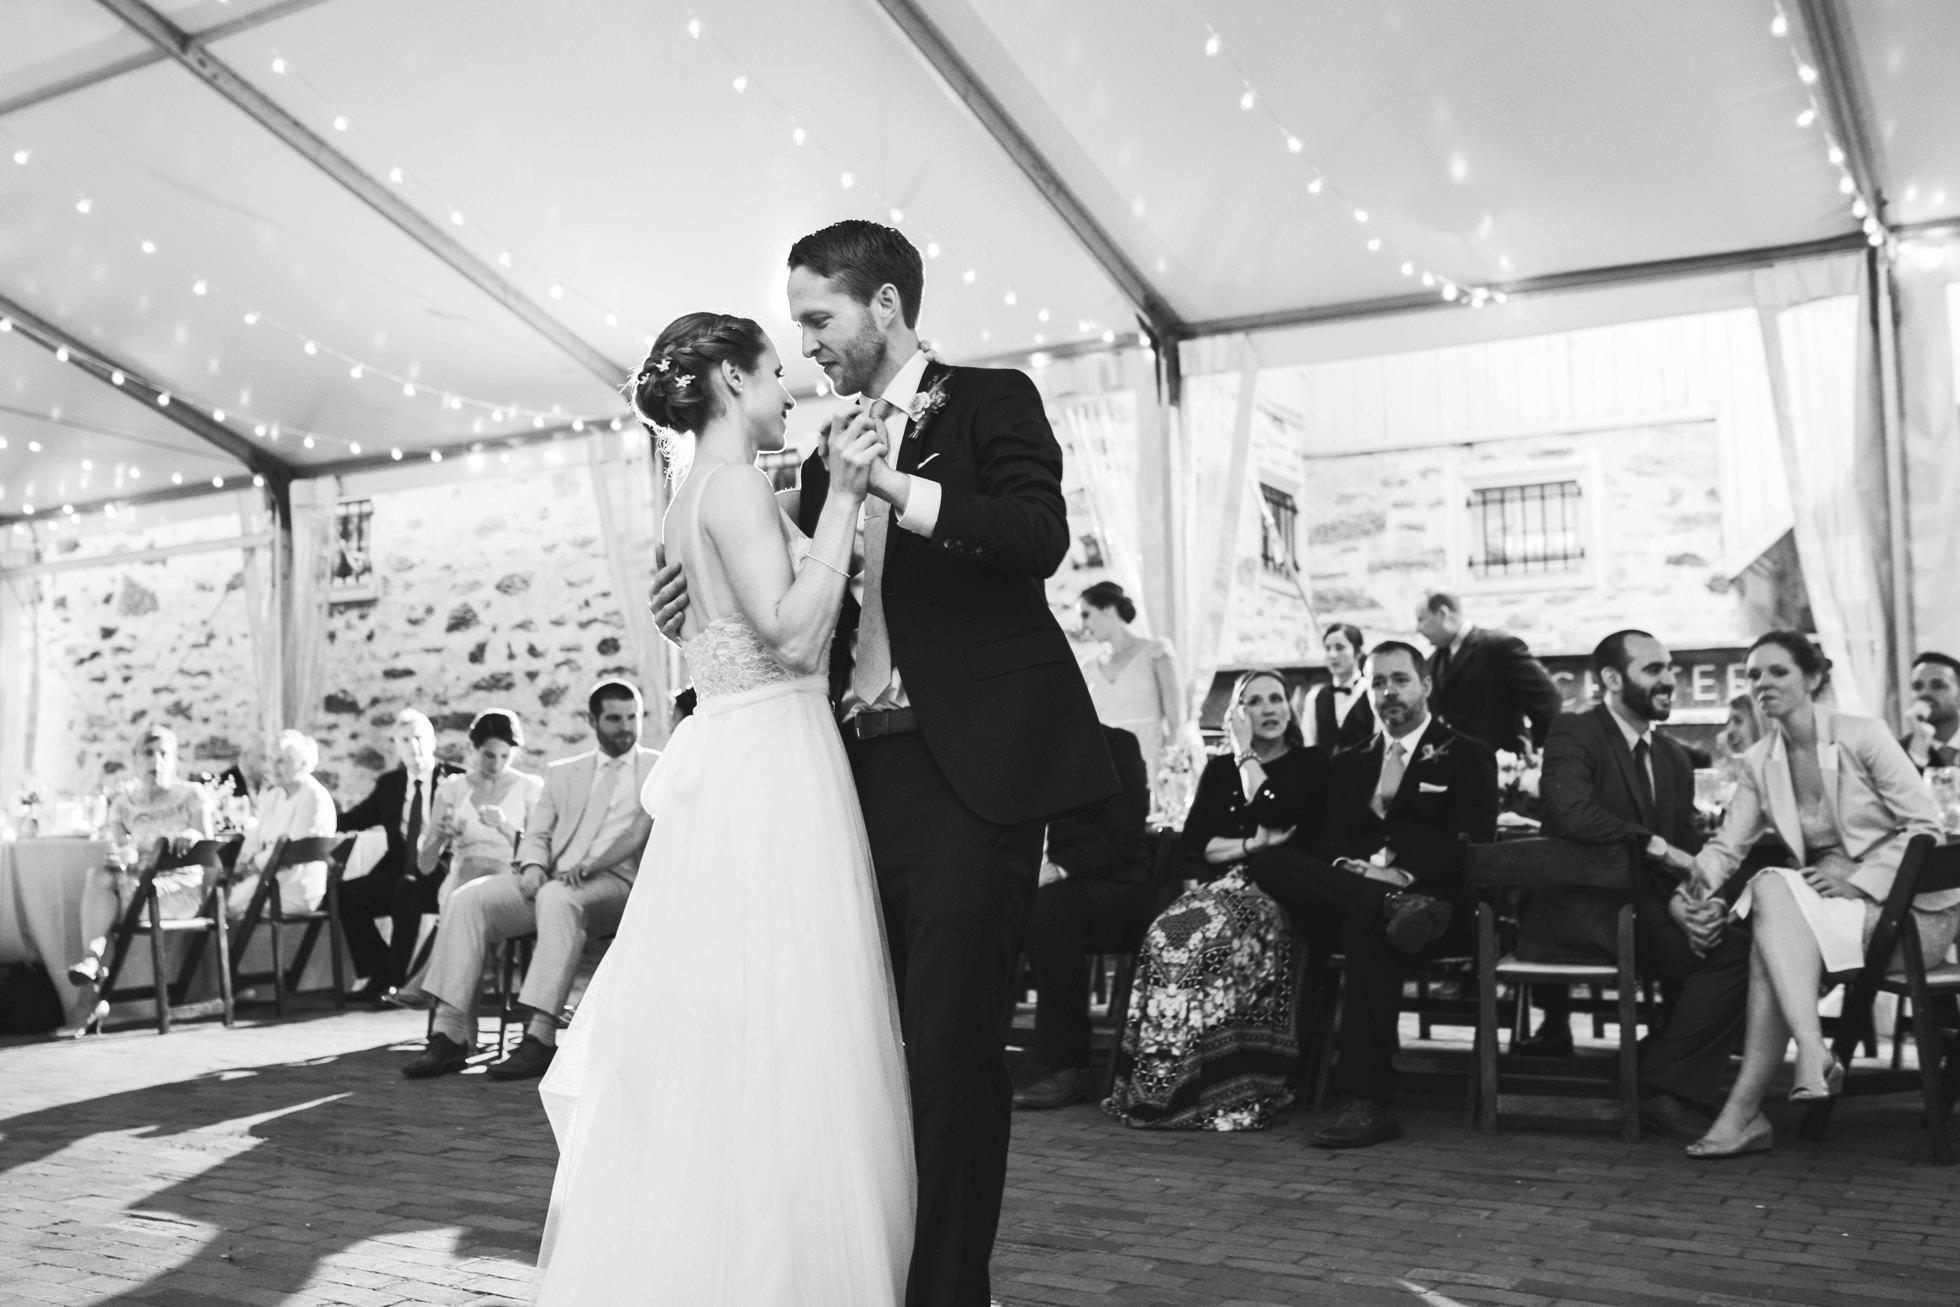 Romantic Bartram's Garden Outdoor Summer Wedding, Philadelphia | brittneyraine.com 084